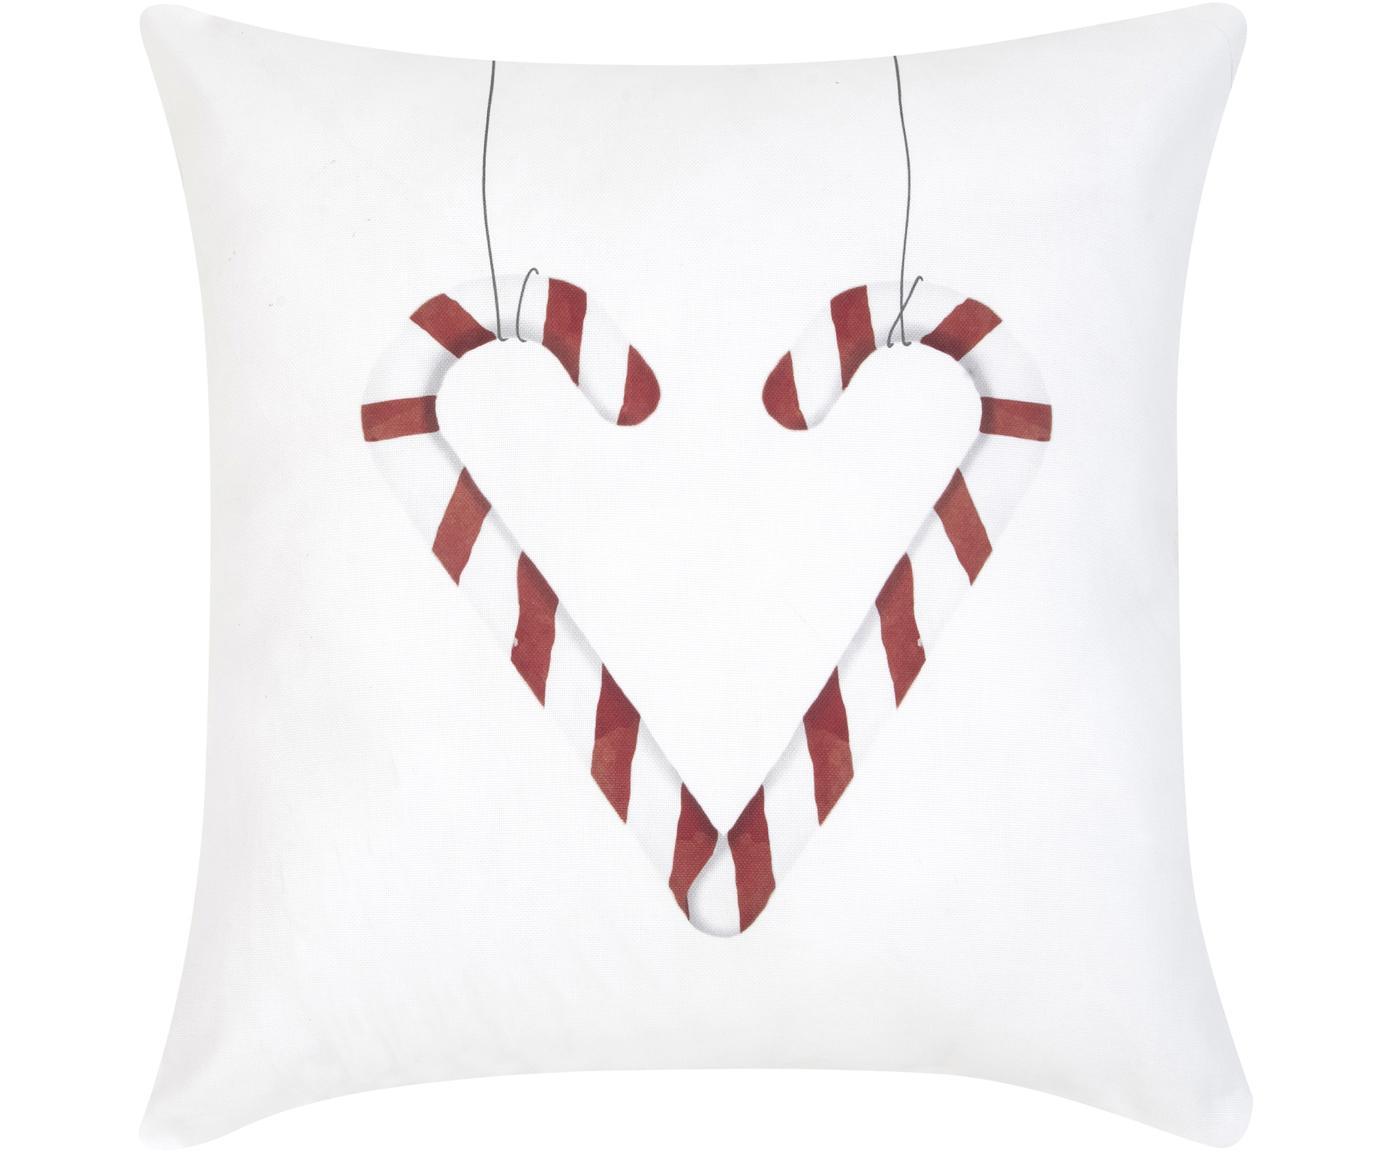 Kussenhoes Cupid, Katoen, Rood, zwart, wit, 40 x 40 cm